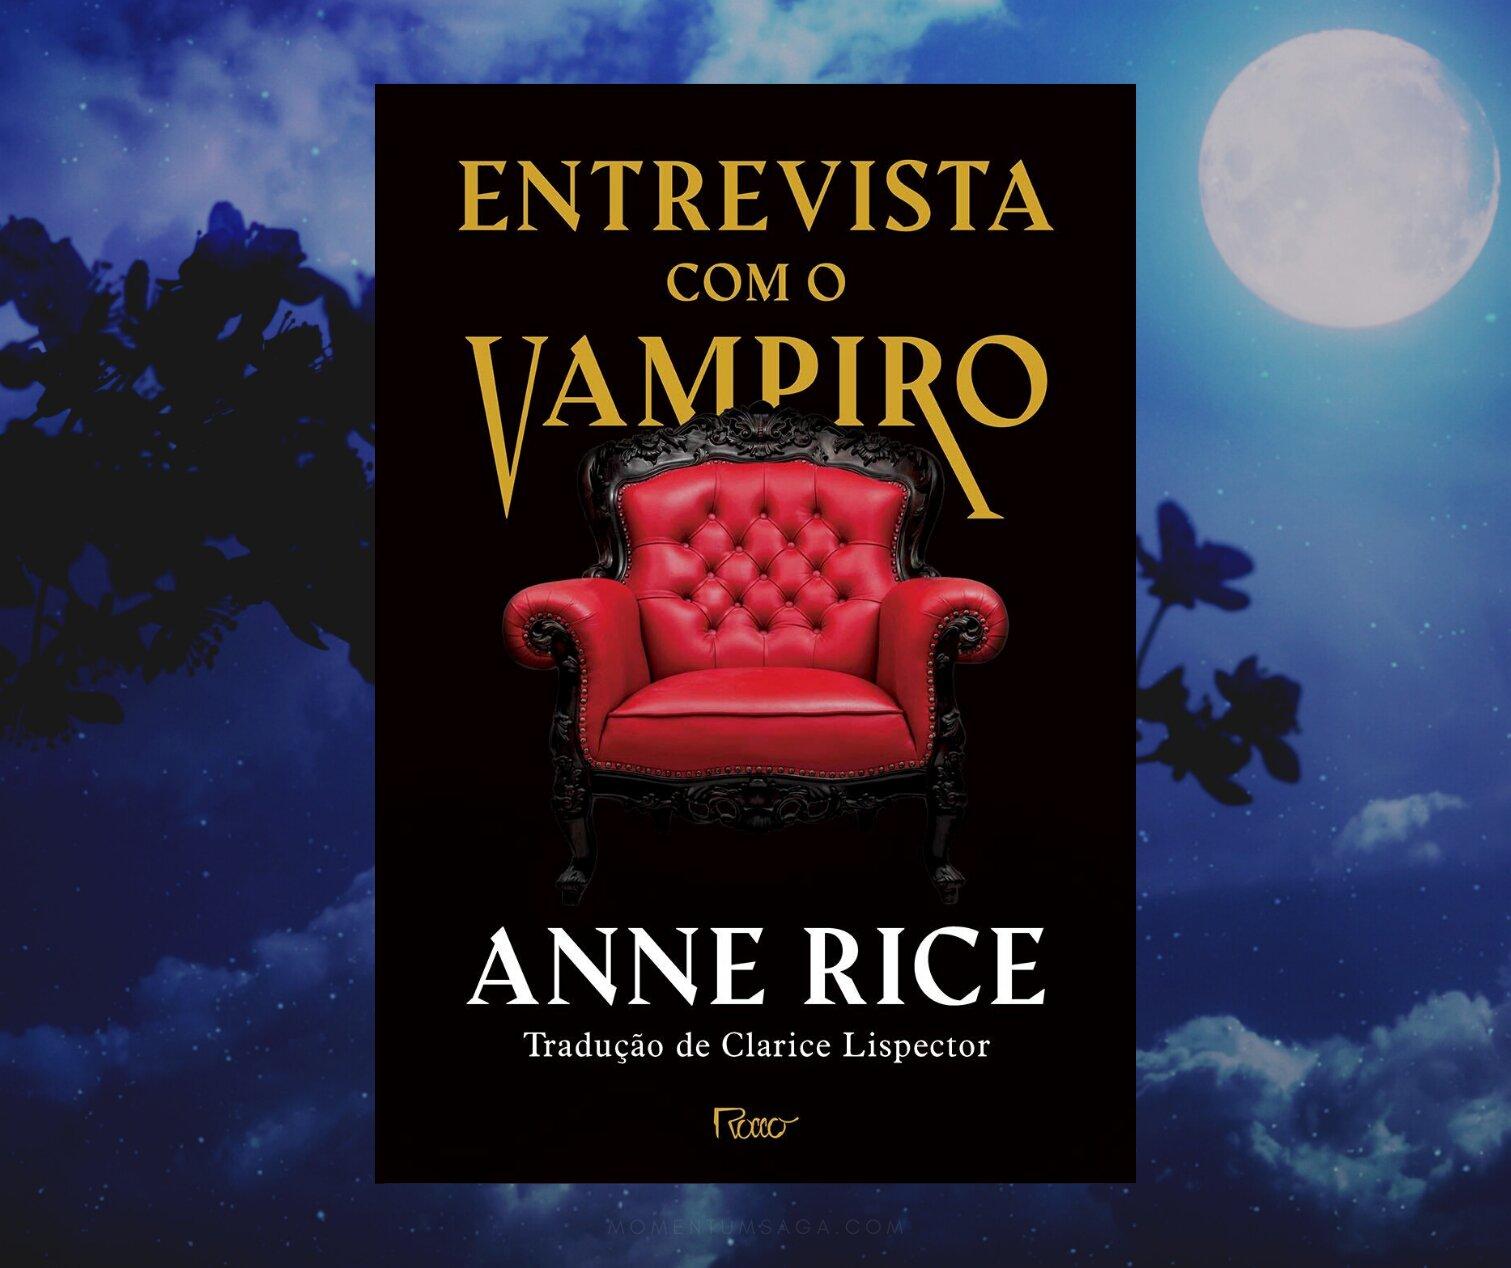 Resenha: Entrevista com o vampiro, de Anne Rice